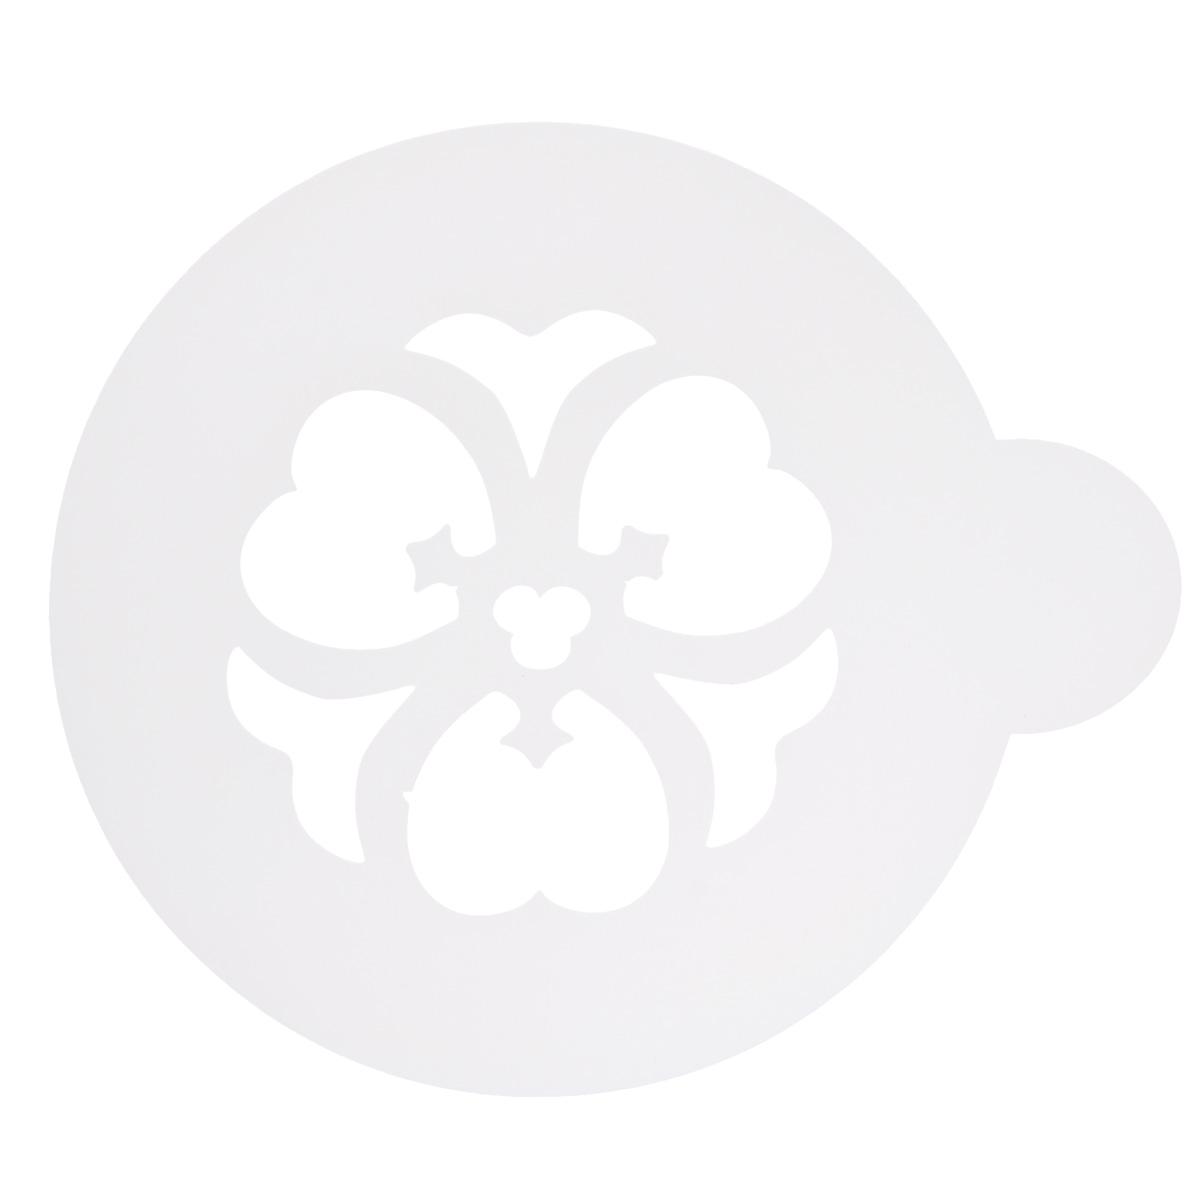 Трафарет на кофе и десерты Леденцовая фабрика Цветочек, диаметр 10 смТ024Трафарет представляет собой пластину с прорезями, через которые пищевая краска (сахарная пудра, какао, шоколад, сливки, корица, дробленый орех) наносится на поверхность кофе, молочных коктейлей, десертов. Трафарет изготовлен из матового пищевого пластика 250 мкм и пригоден для контакта с пищевыми продуктами. Трафарет многоразовый. Побалуйте себя и ваших близких красиво оформленным кофе.